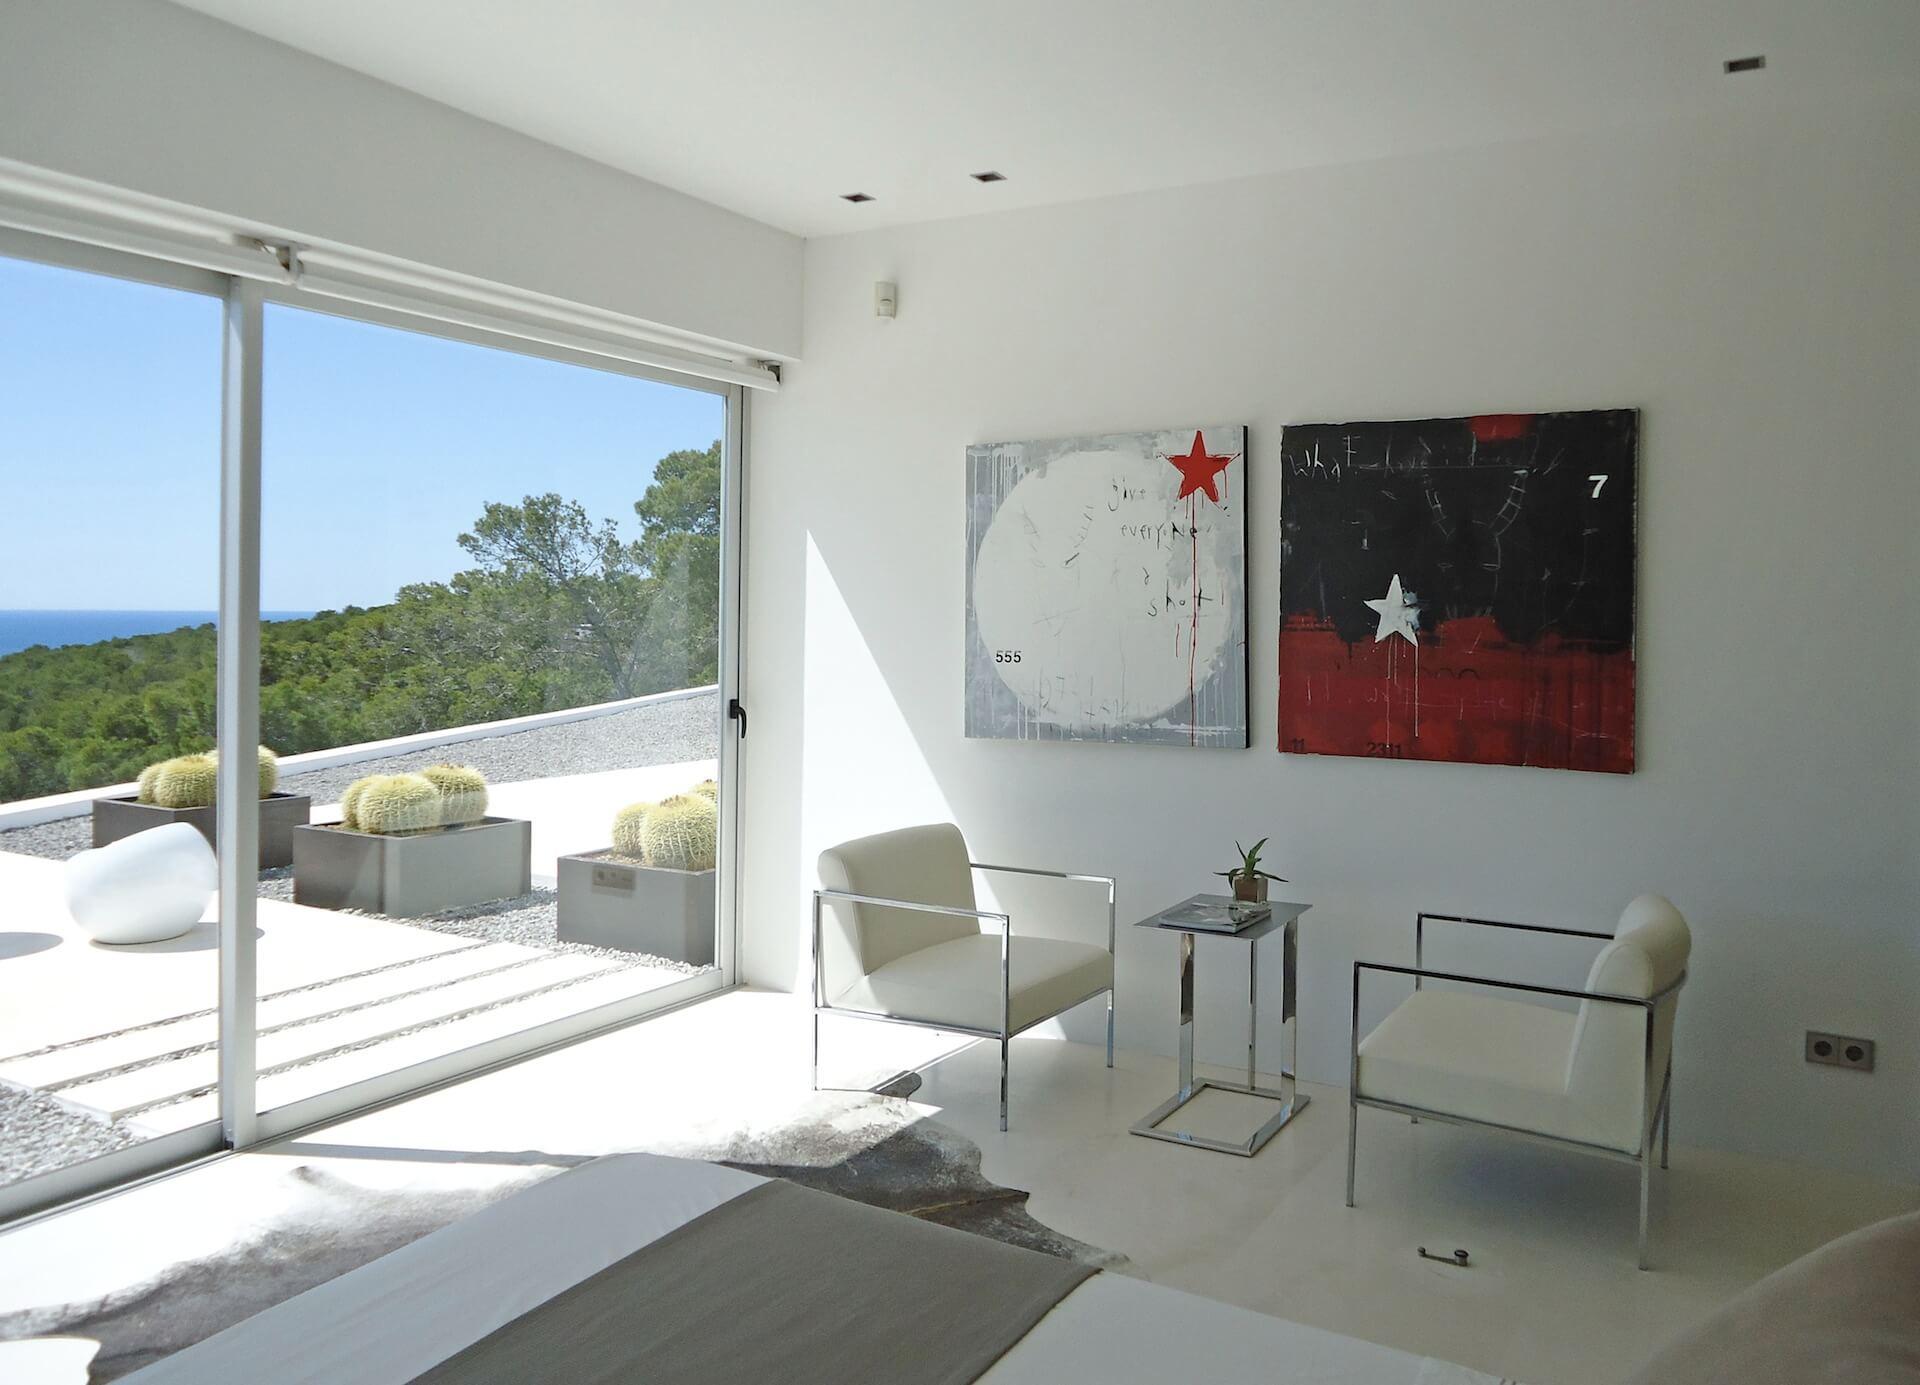 Ferien-Villa zwischen Punta Galera und Cala Salada - Ibiza Style